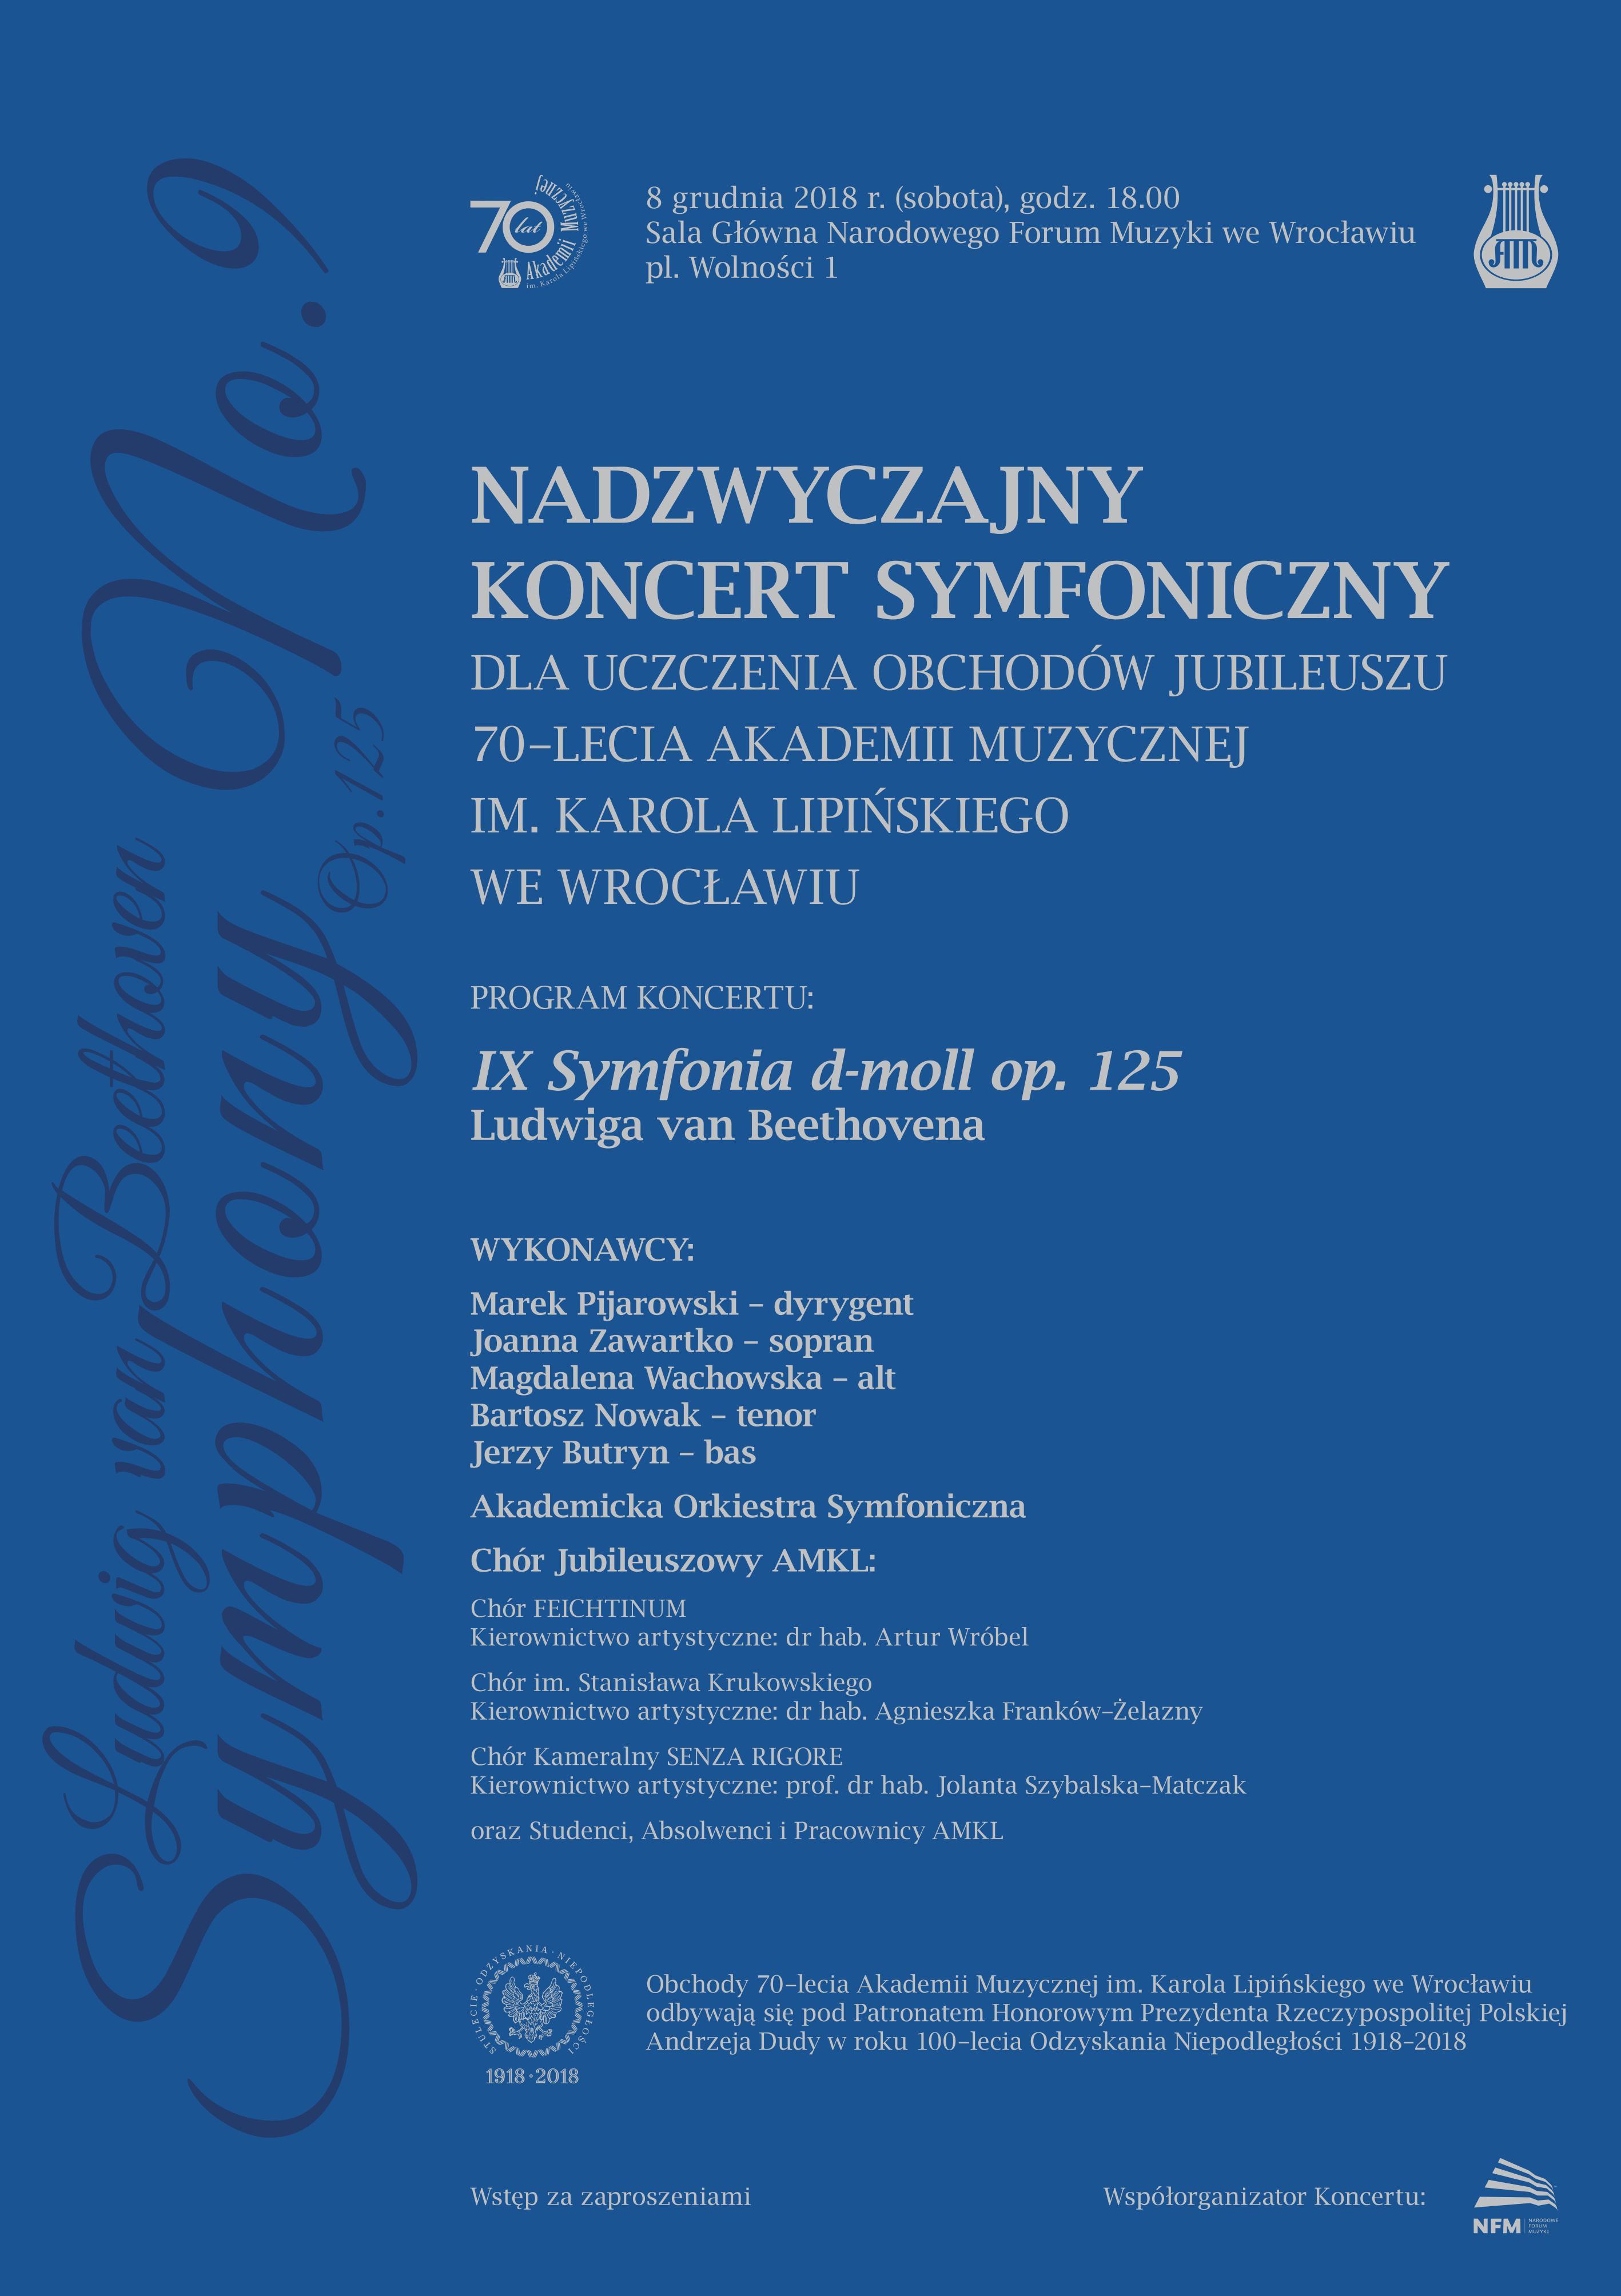 Nadzwyczajny Koncert Symfoniczny z okazji Jubileuszu 70-lecia Akademii Muzycznej im. Karola Lipińskiego we Wrocławiu